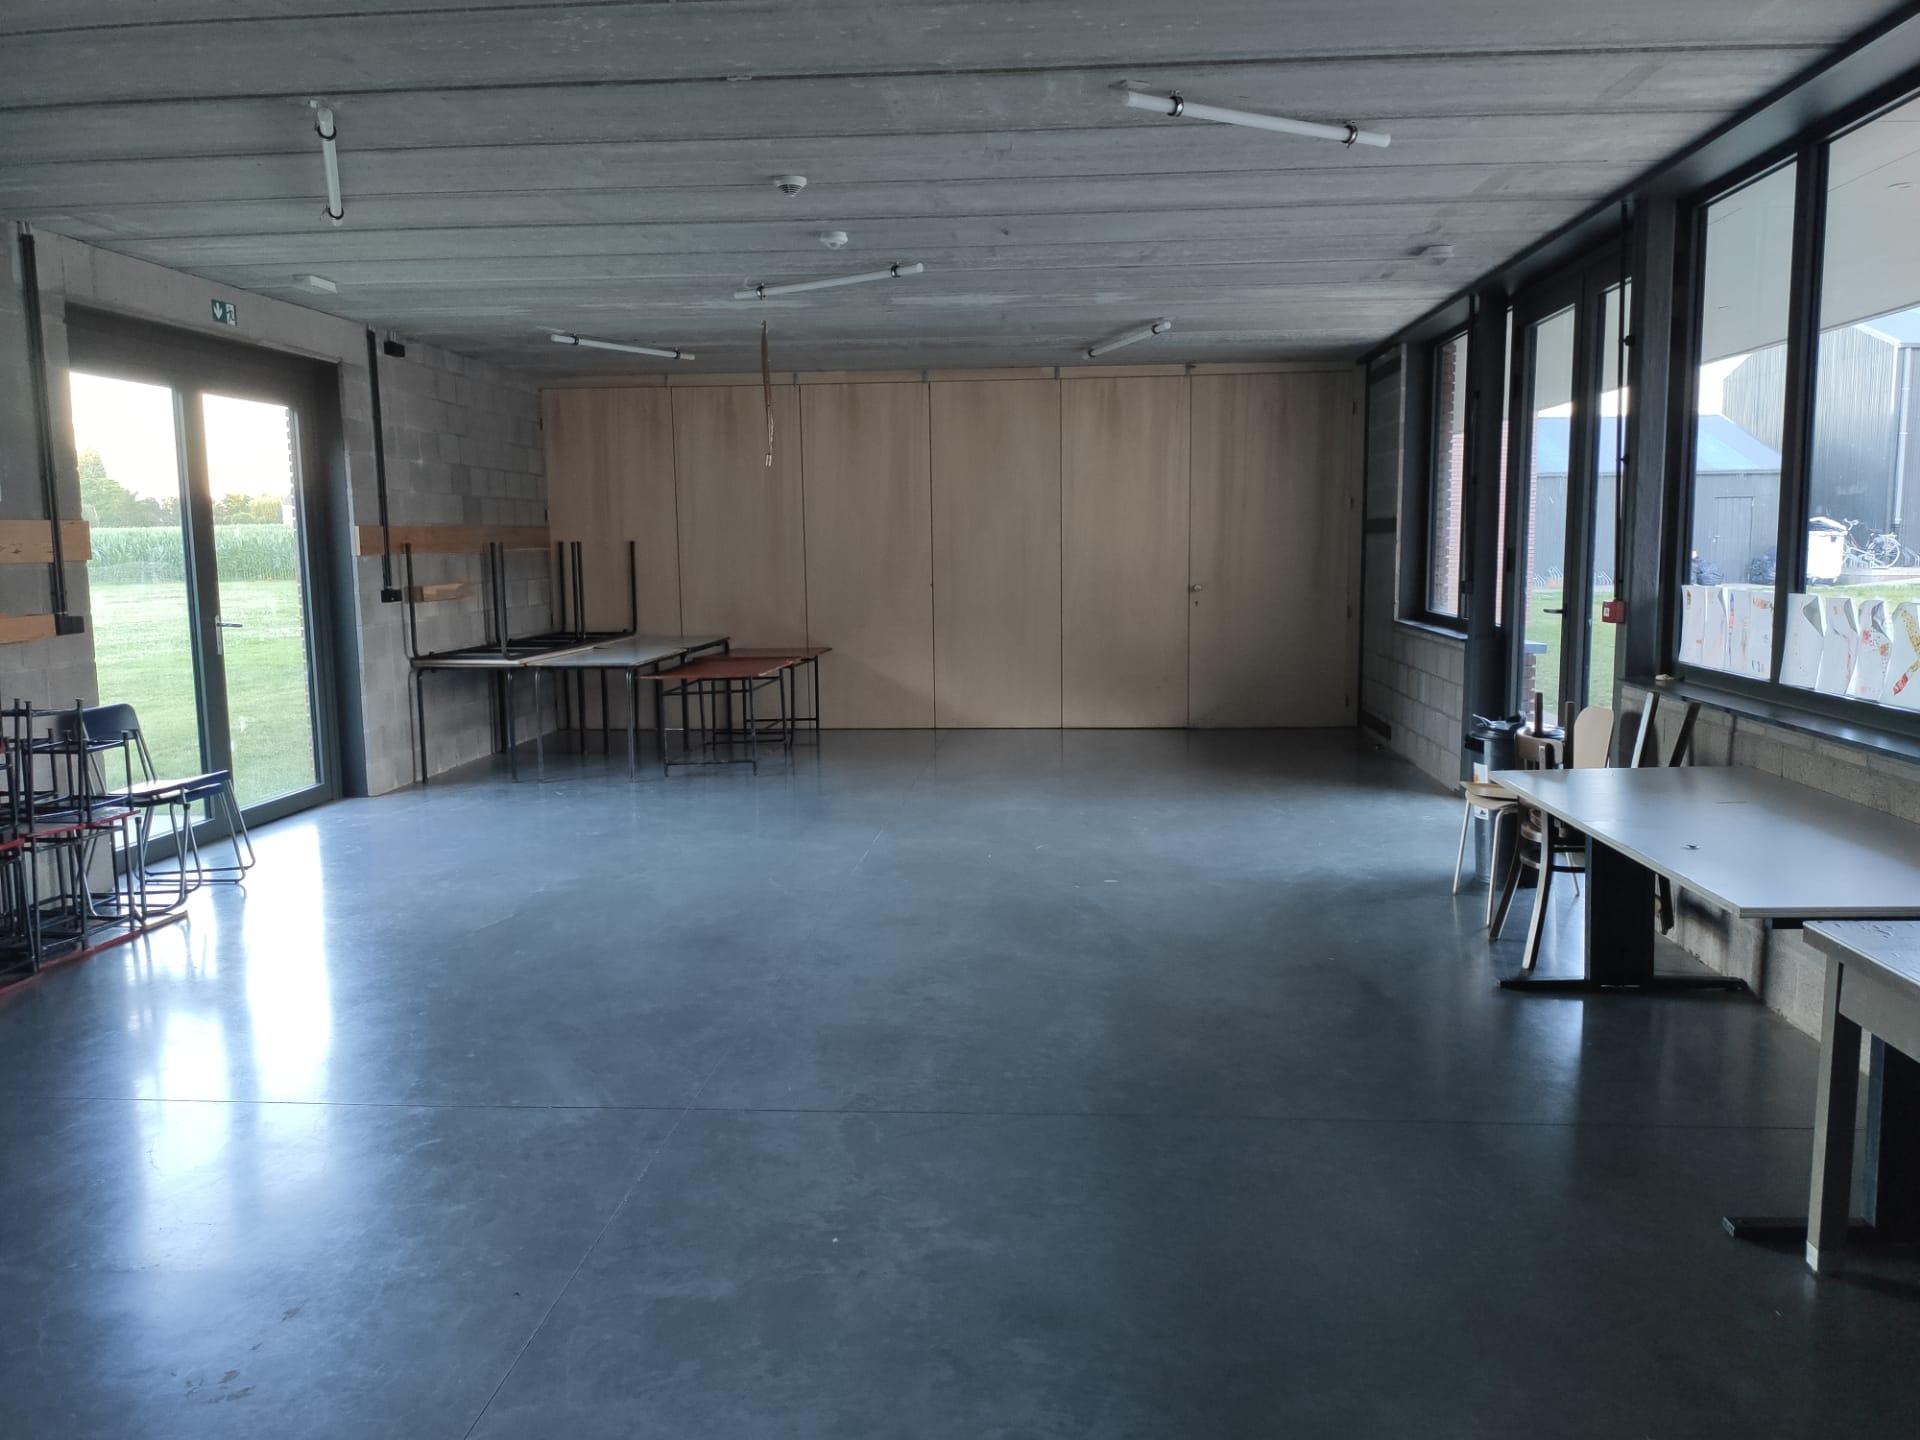 kapoenenlokaal met verwijderbare wand